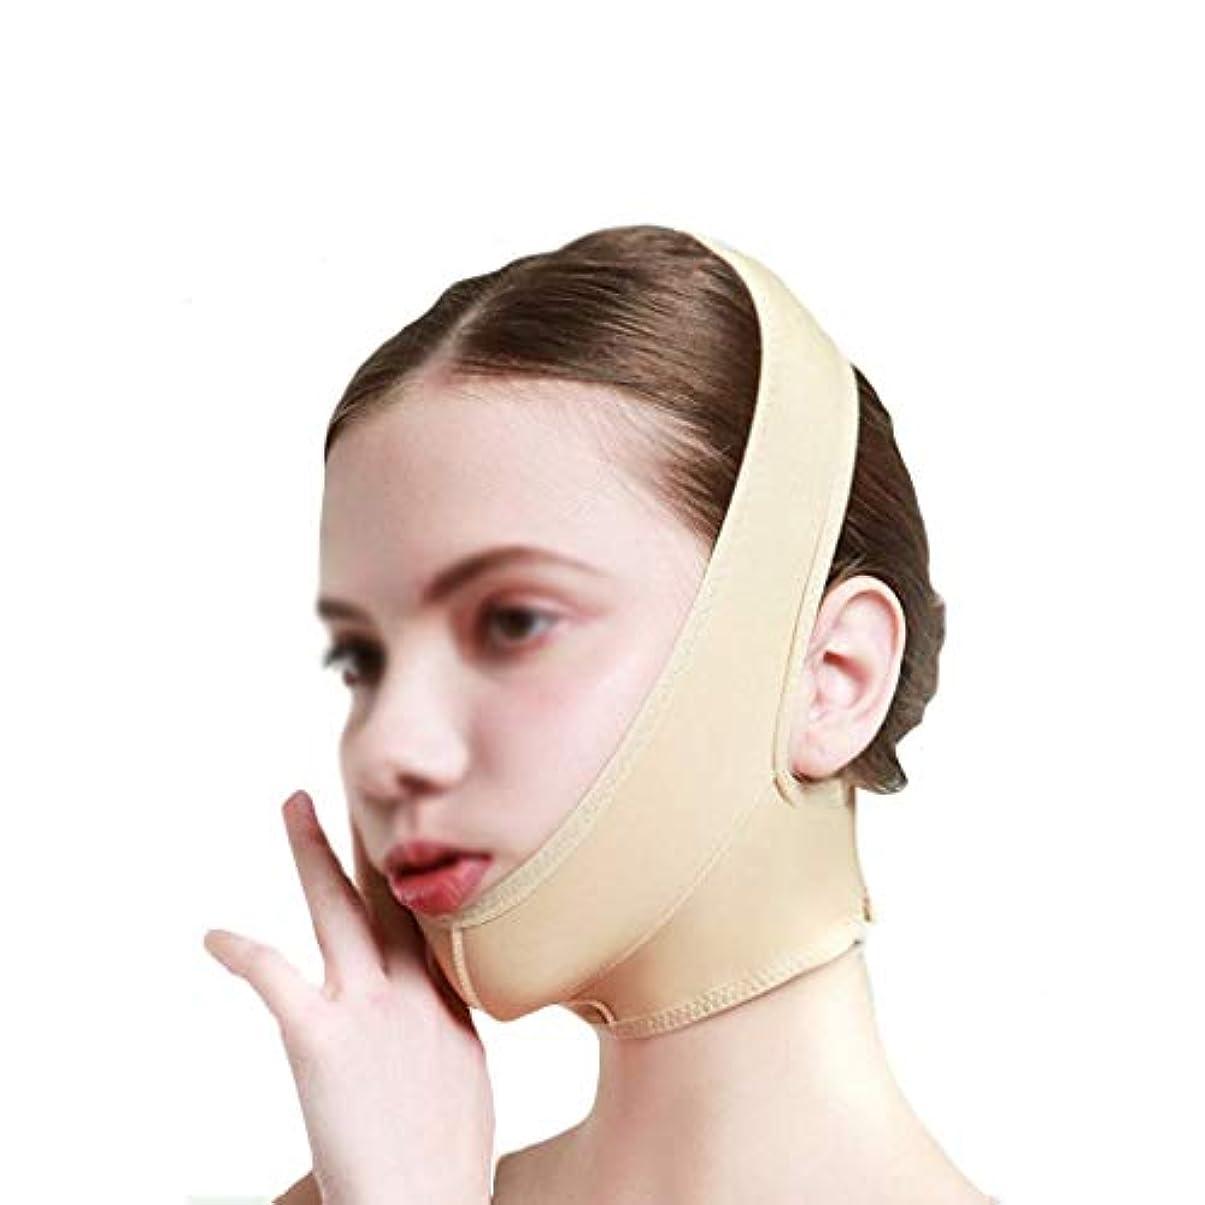 同じ相談薬を飲むダブルチンリデューサー、フェイススリミングマスク、フェイスリフティング、ストレッチマスク、ダブルチン、浮腫緩和、ケアツール、通気性(サイズ:XL),S